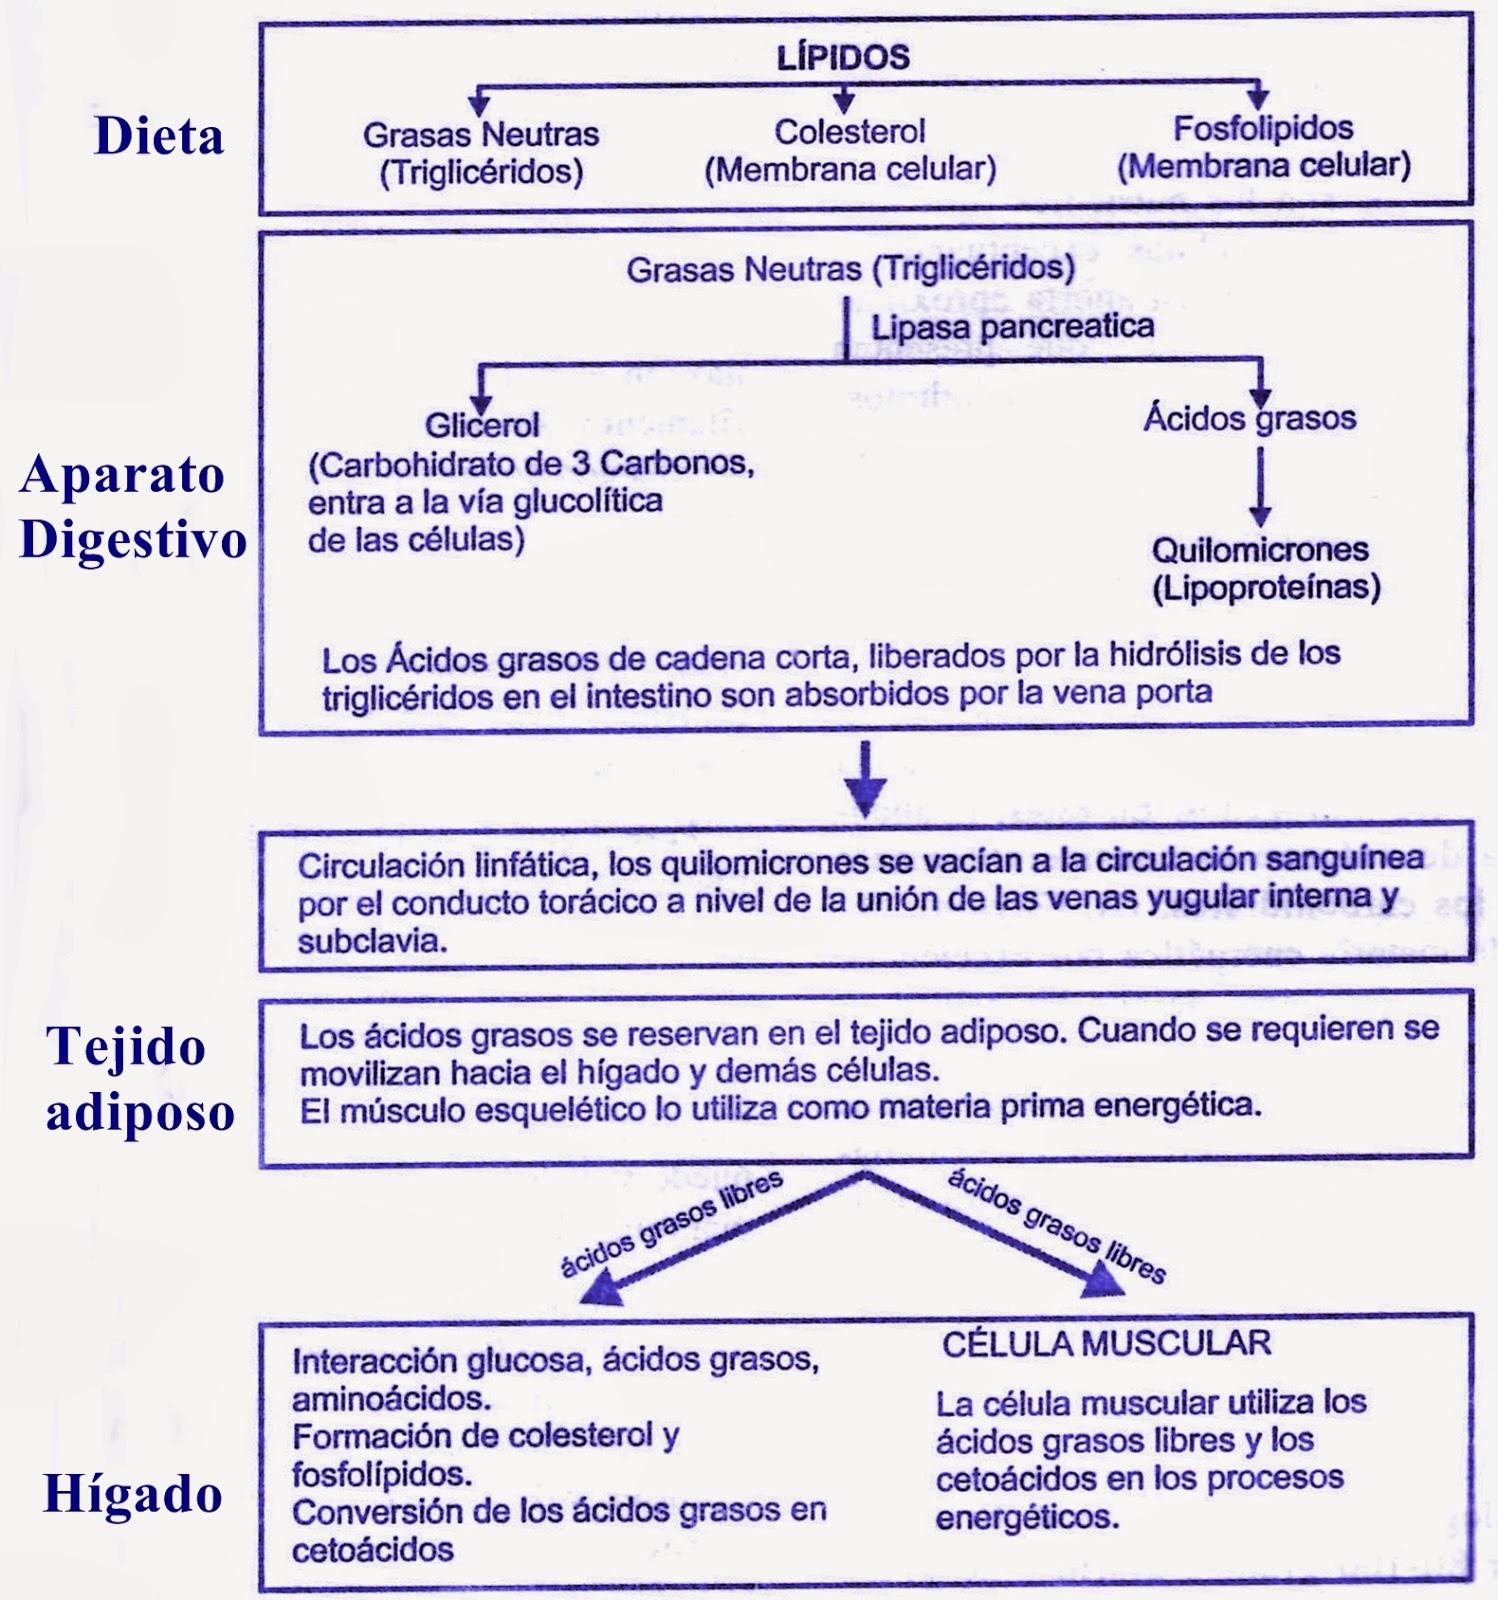 Metabolismo de las grasas (lípidos)